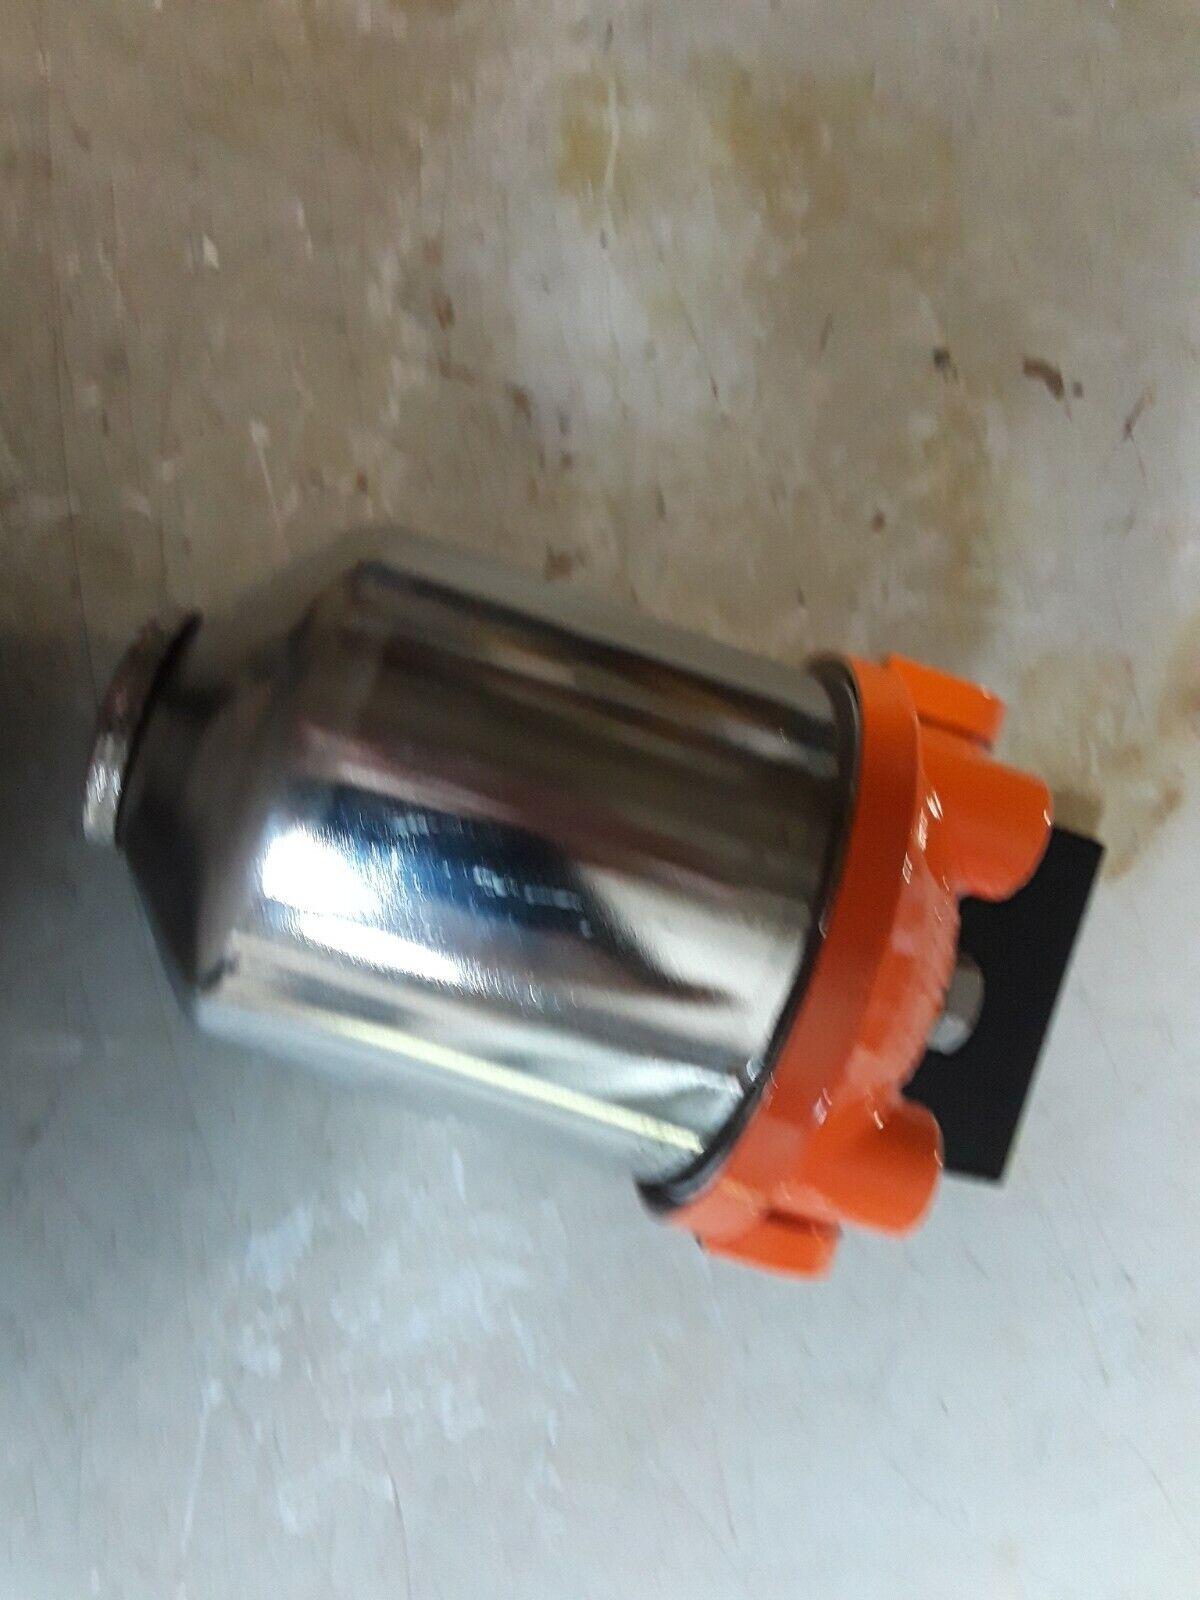 [DIAGRAM_4FR]  Fuel Filter Fram HPG1 for sale online   eBay   Fran Hpg 1 Fuel Filter      eBay